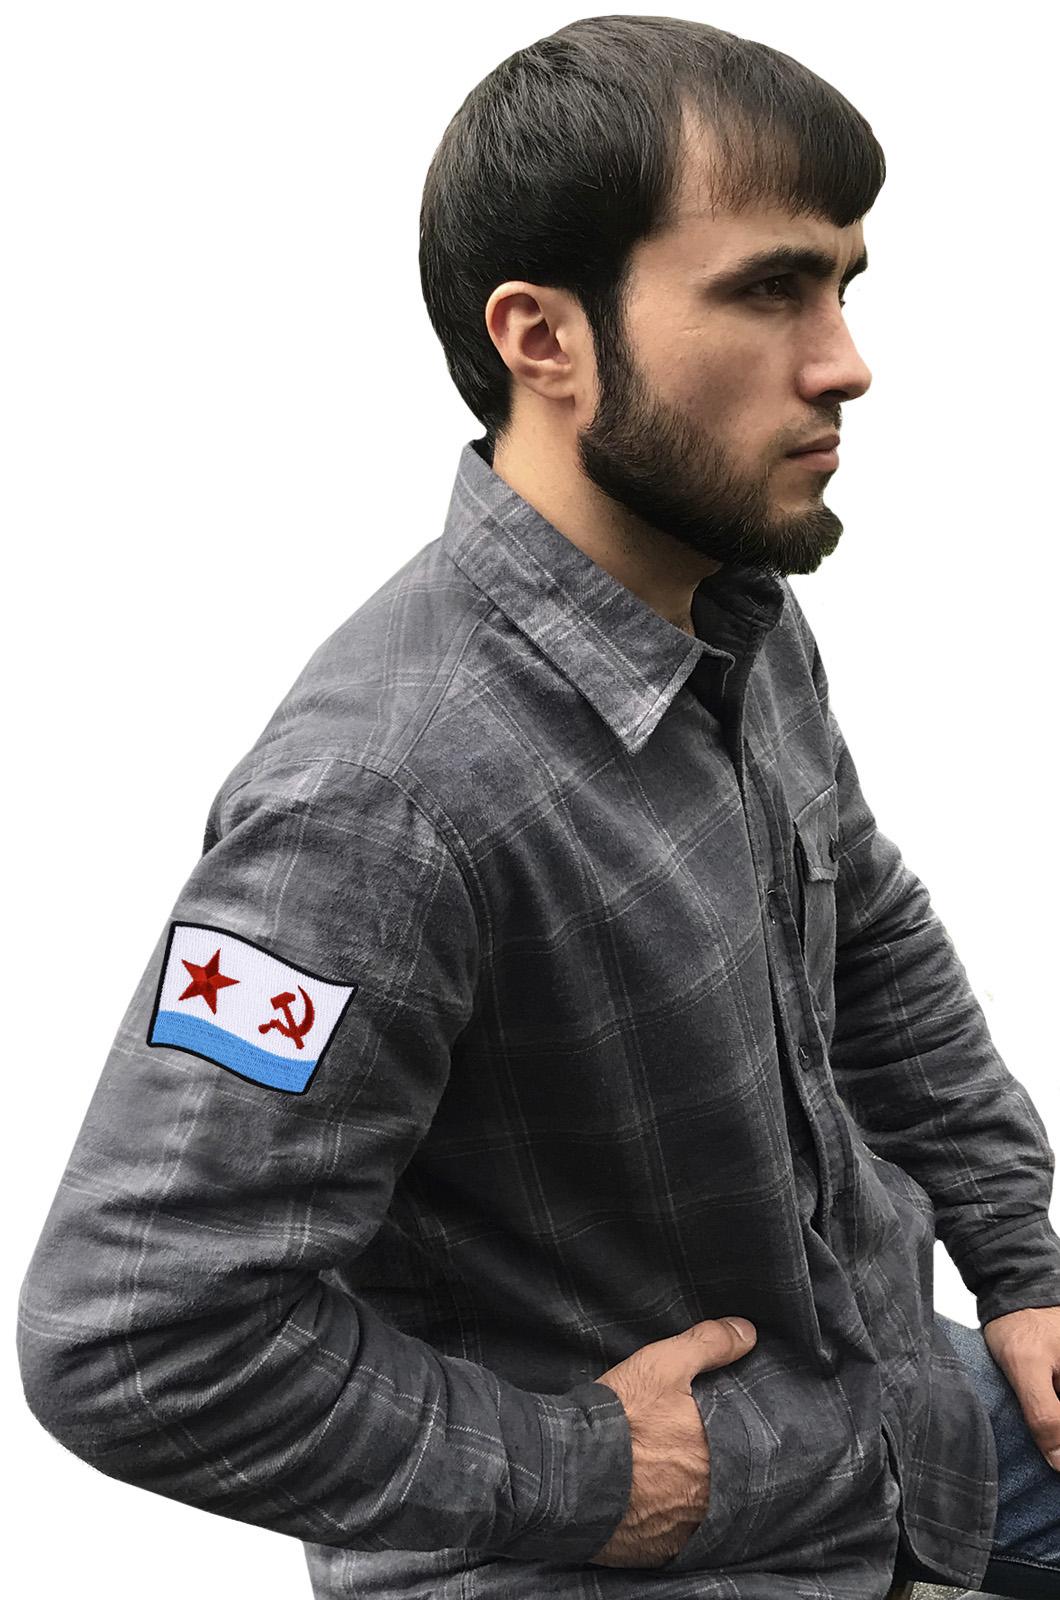 Рубашка «ВМФ СССР» из плотного уютного хлопка